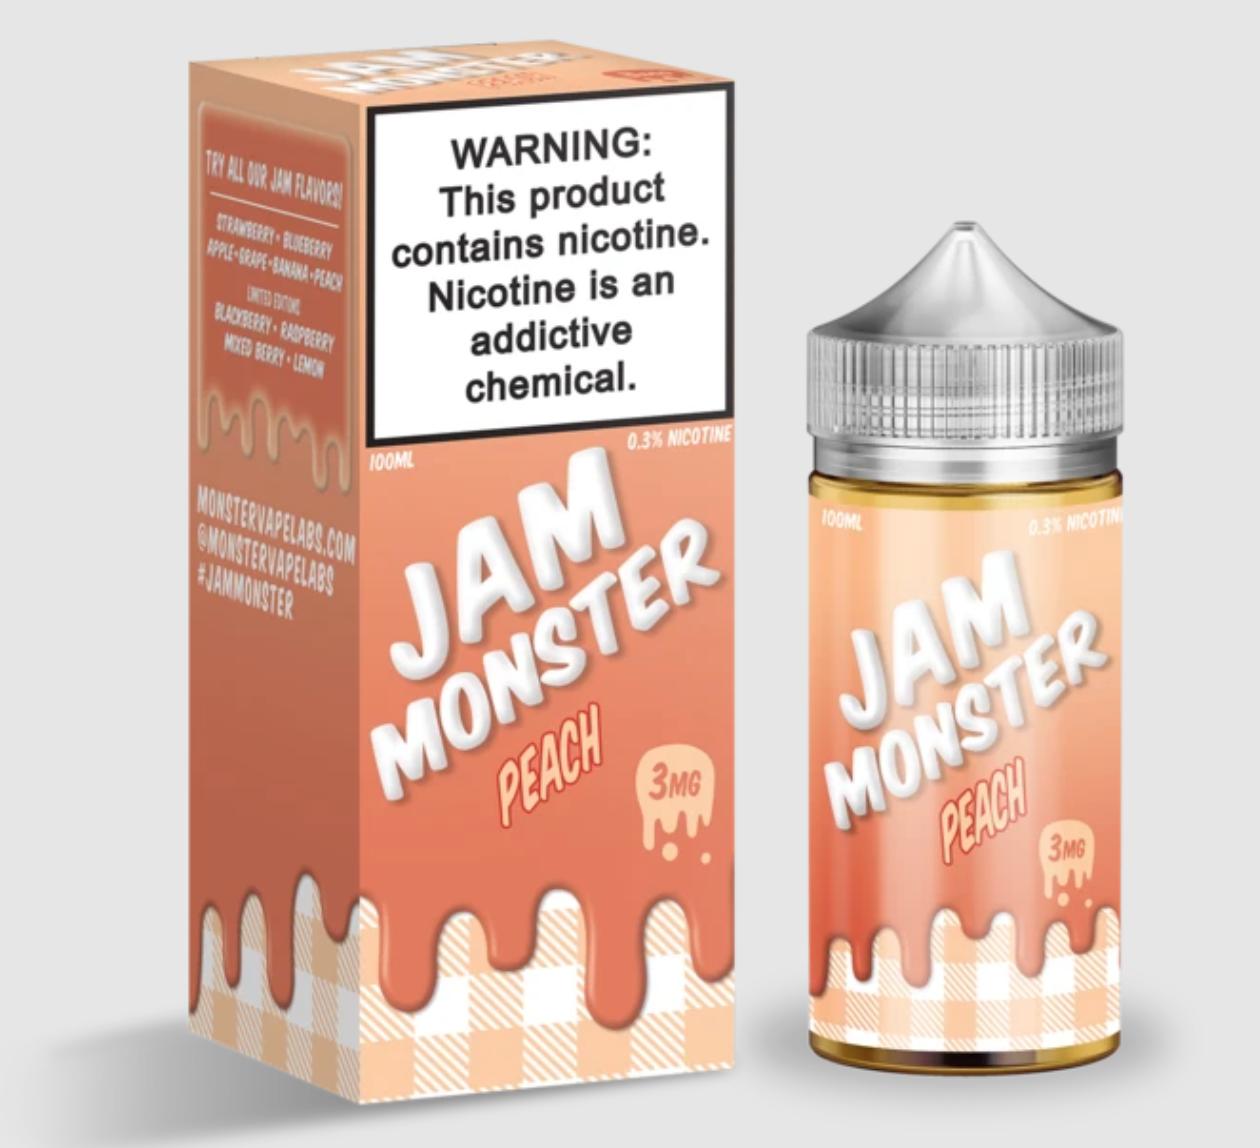 Jam Monster Peach 3mg 100ml